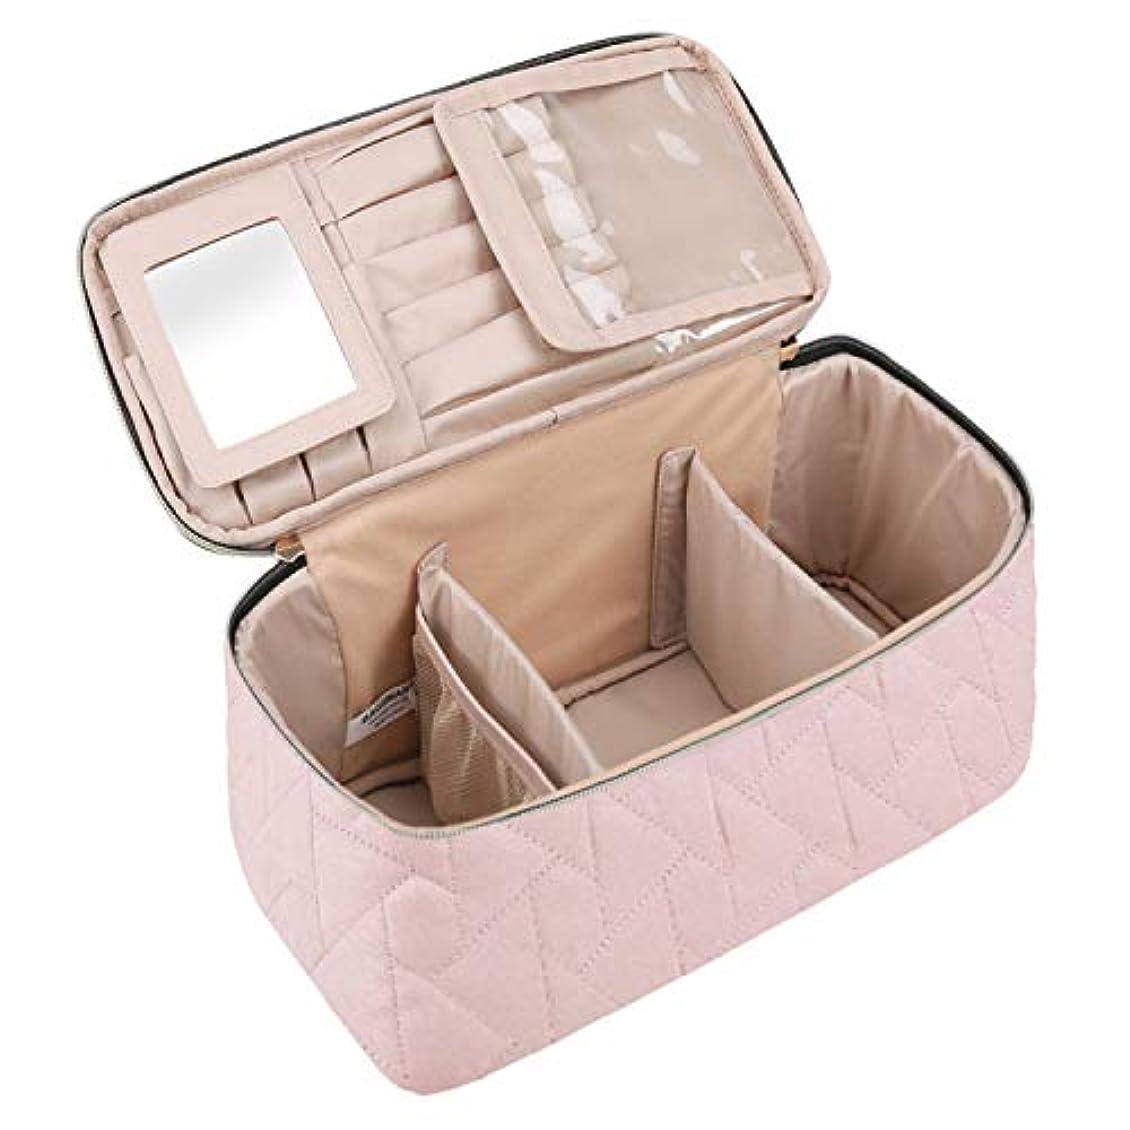 登るラグ仲人(バッグスマート) BAGSMARTメイクボックス コスメボックス 化粧ポーチ メイクブラシバッグ 収納ケース 機能的 大容量